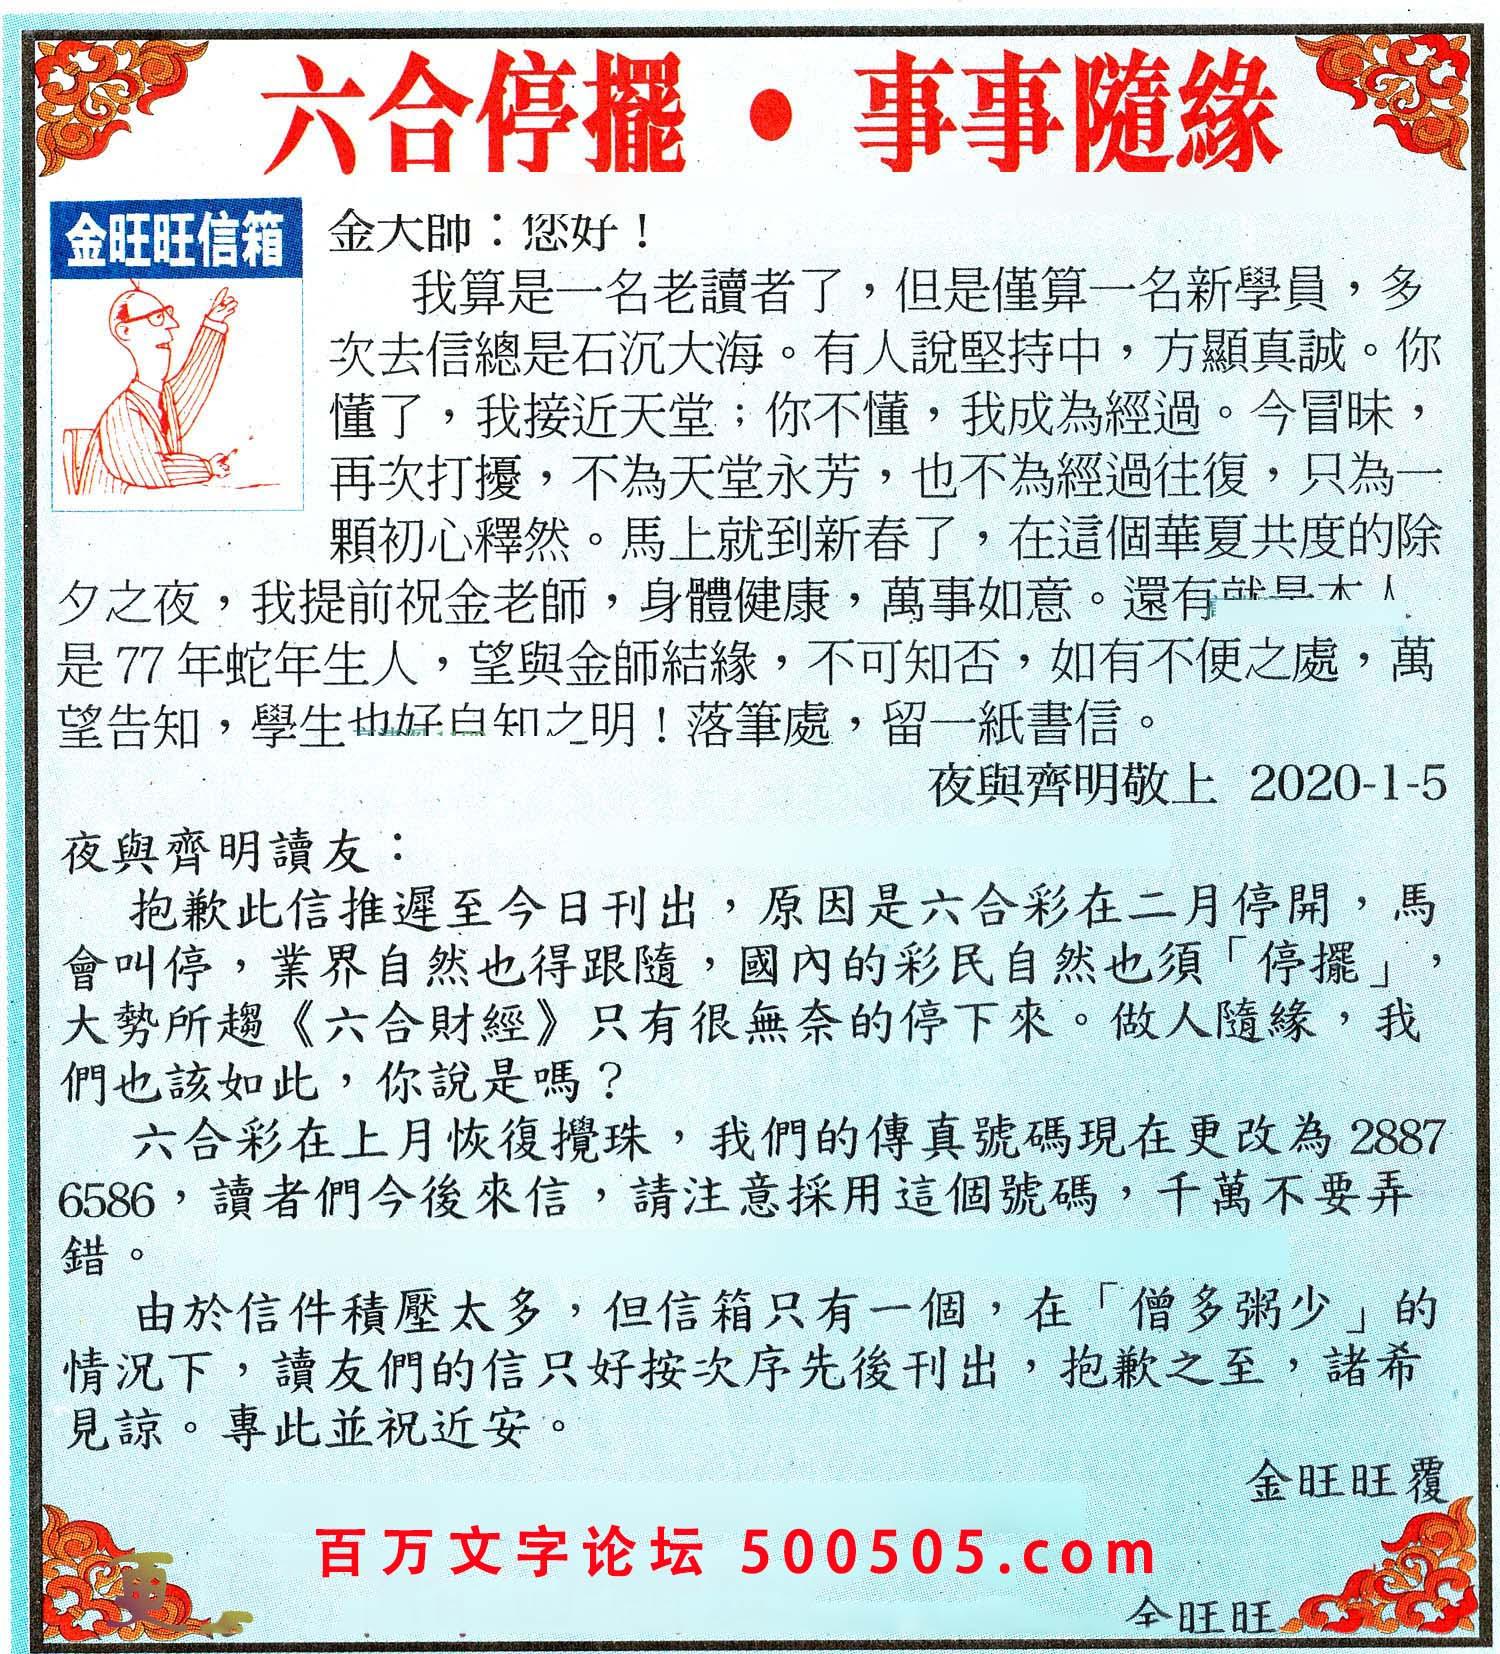 016期:金旺旺信箱彩民推荐→→《六合停�[・事事�S�》